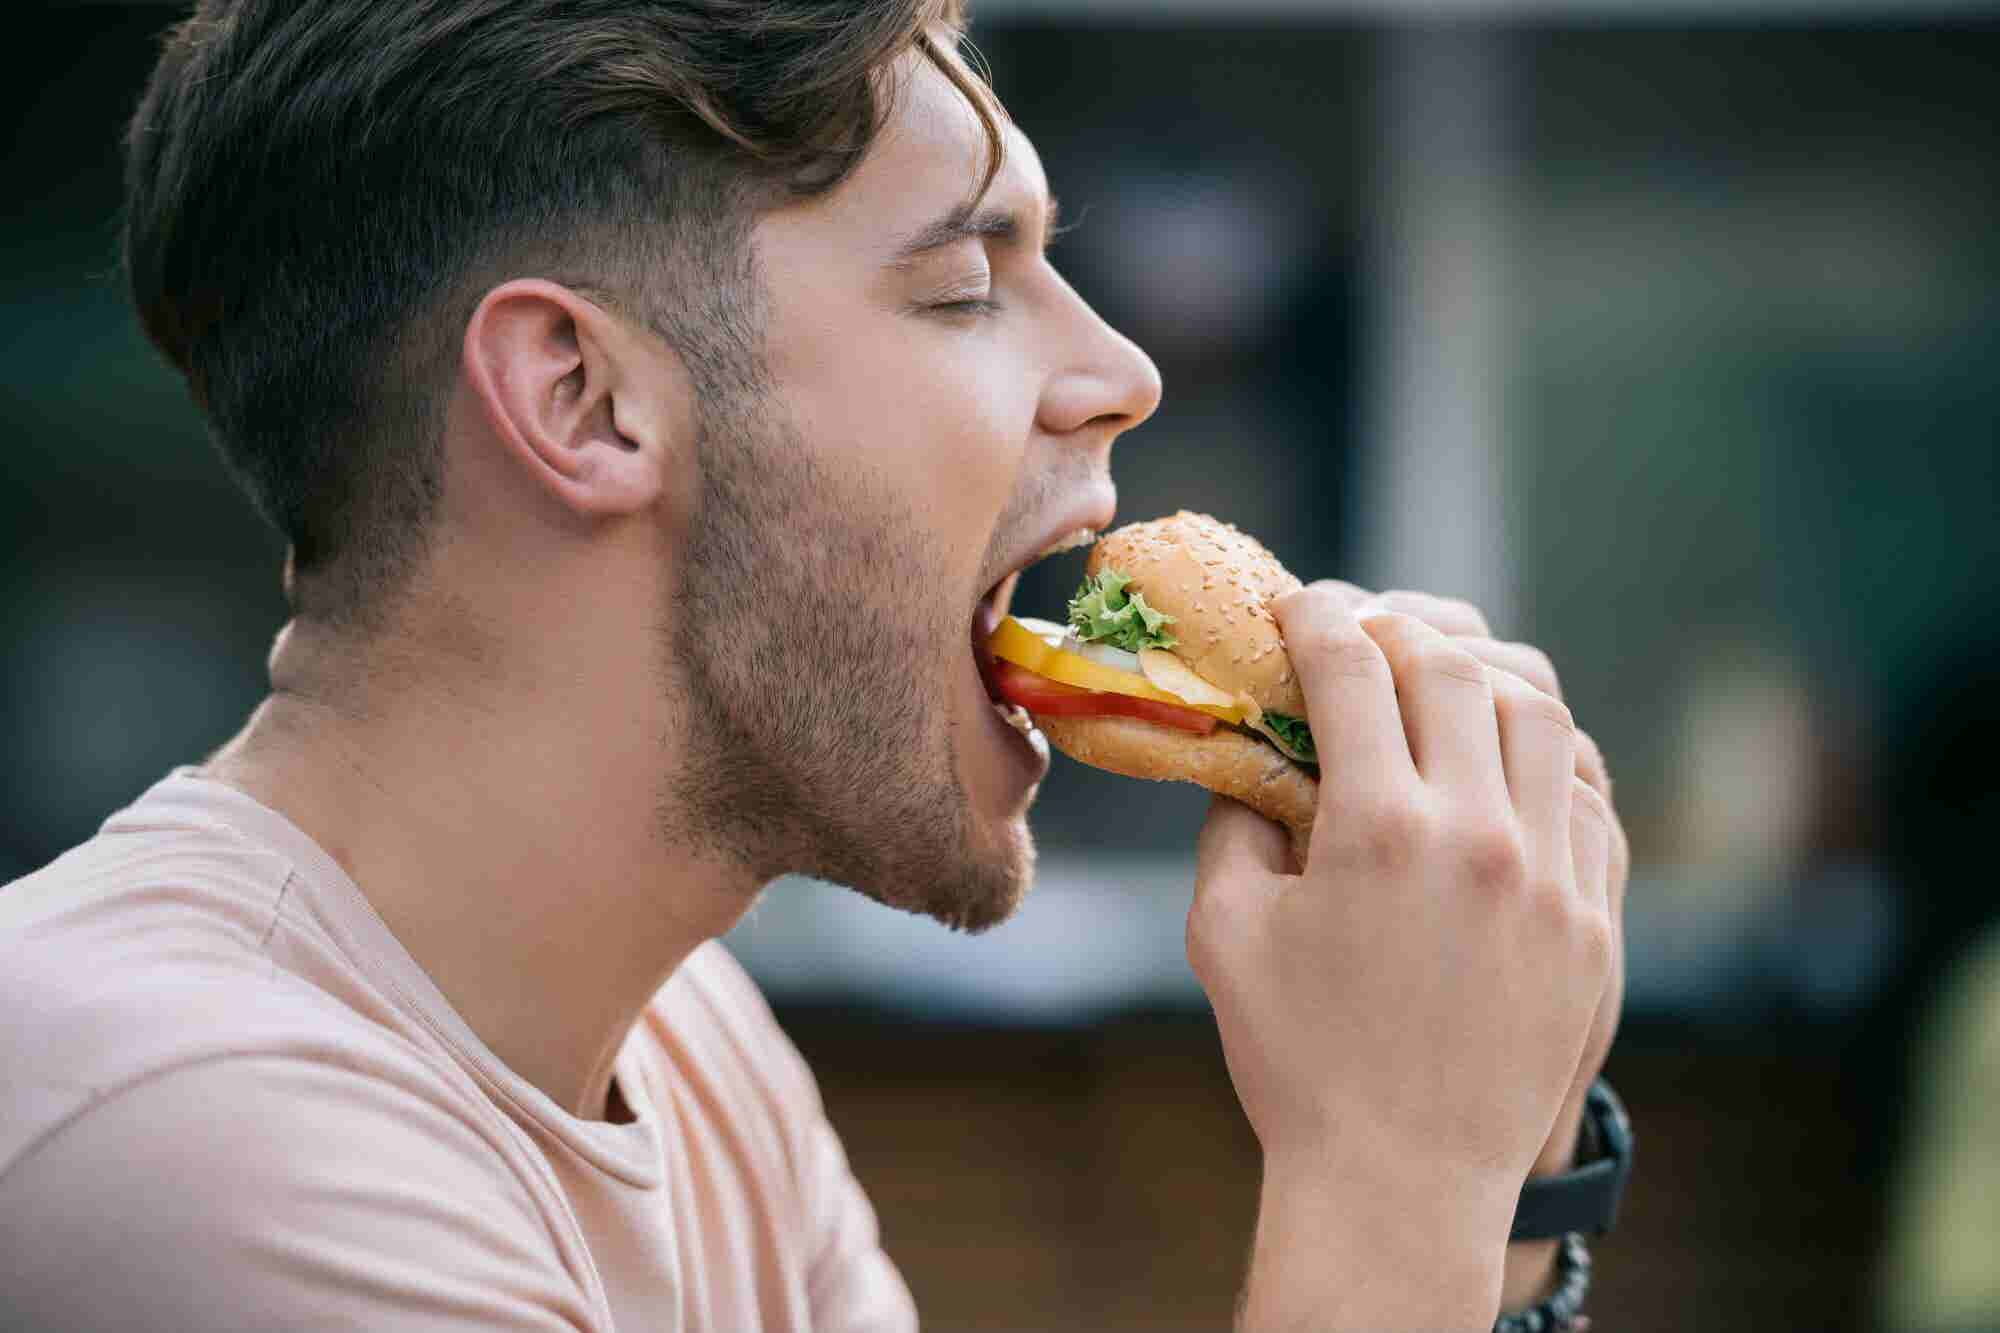 6 ideas rápidas para poner un negocio móvil de comida